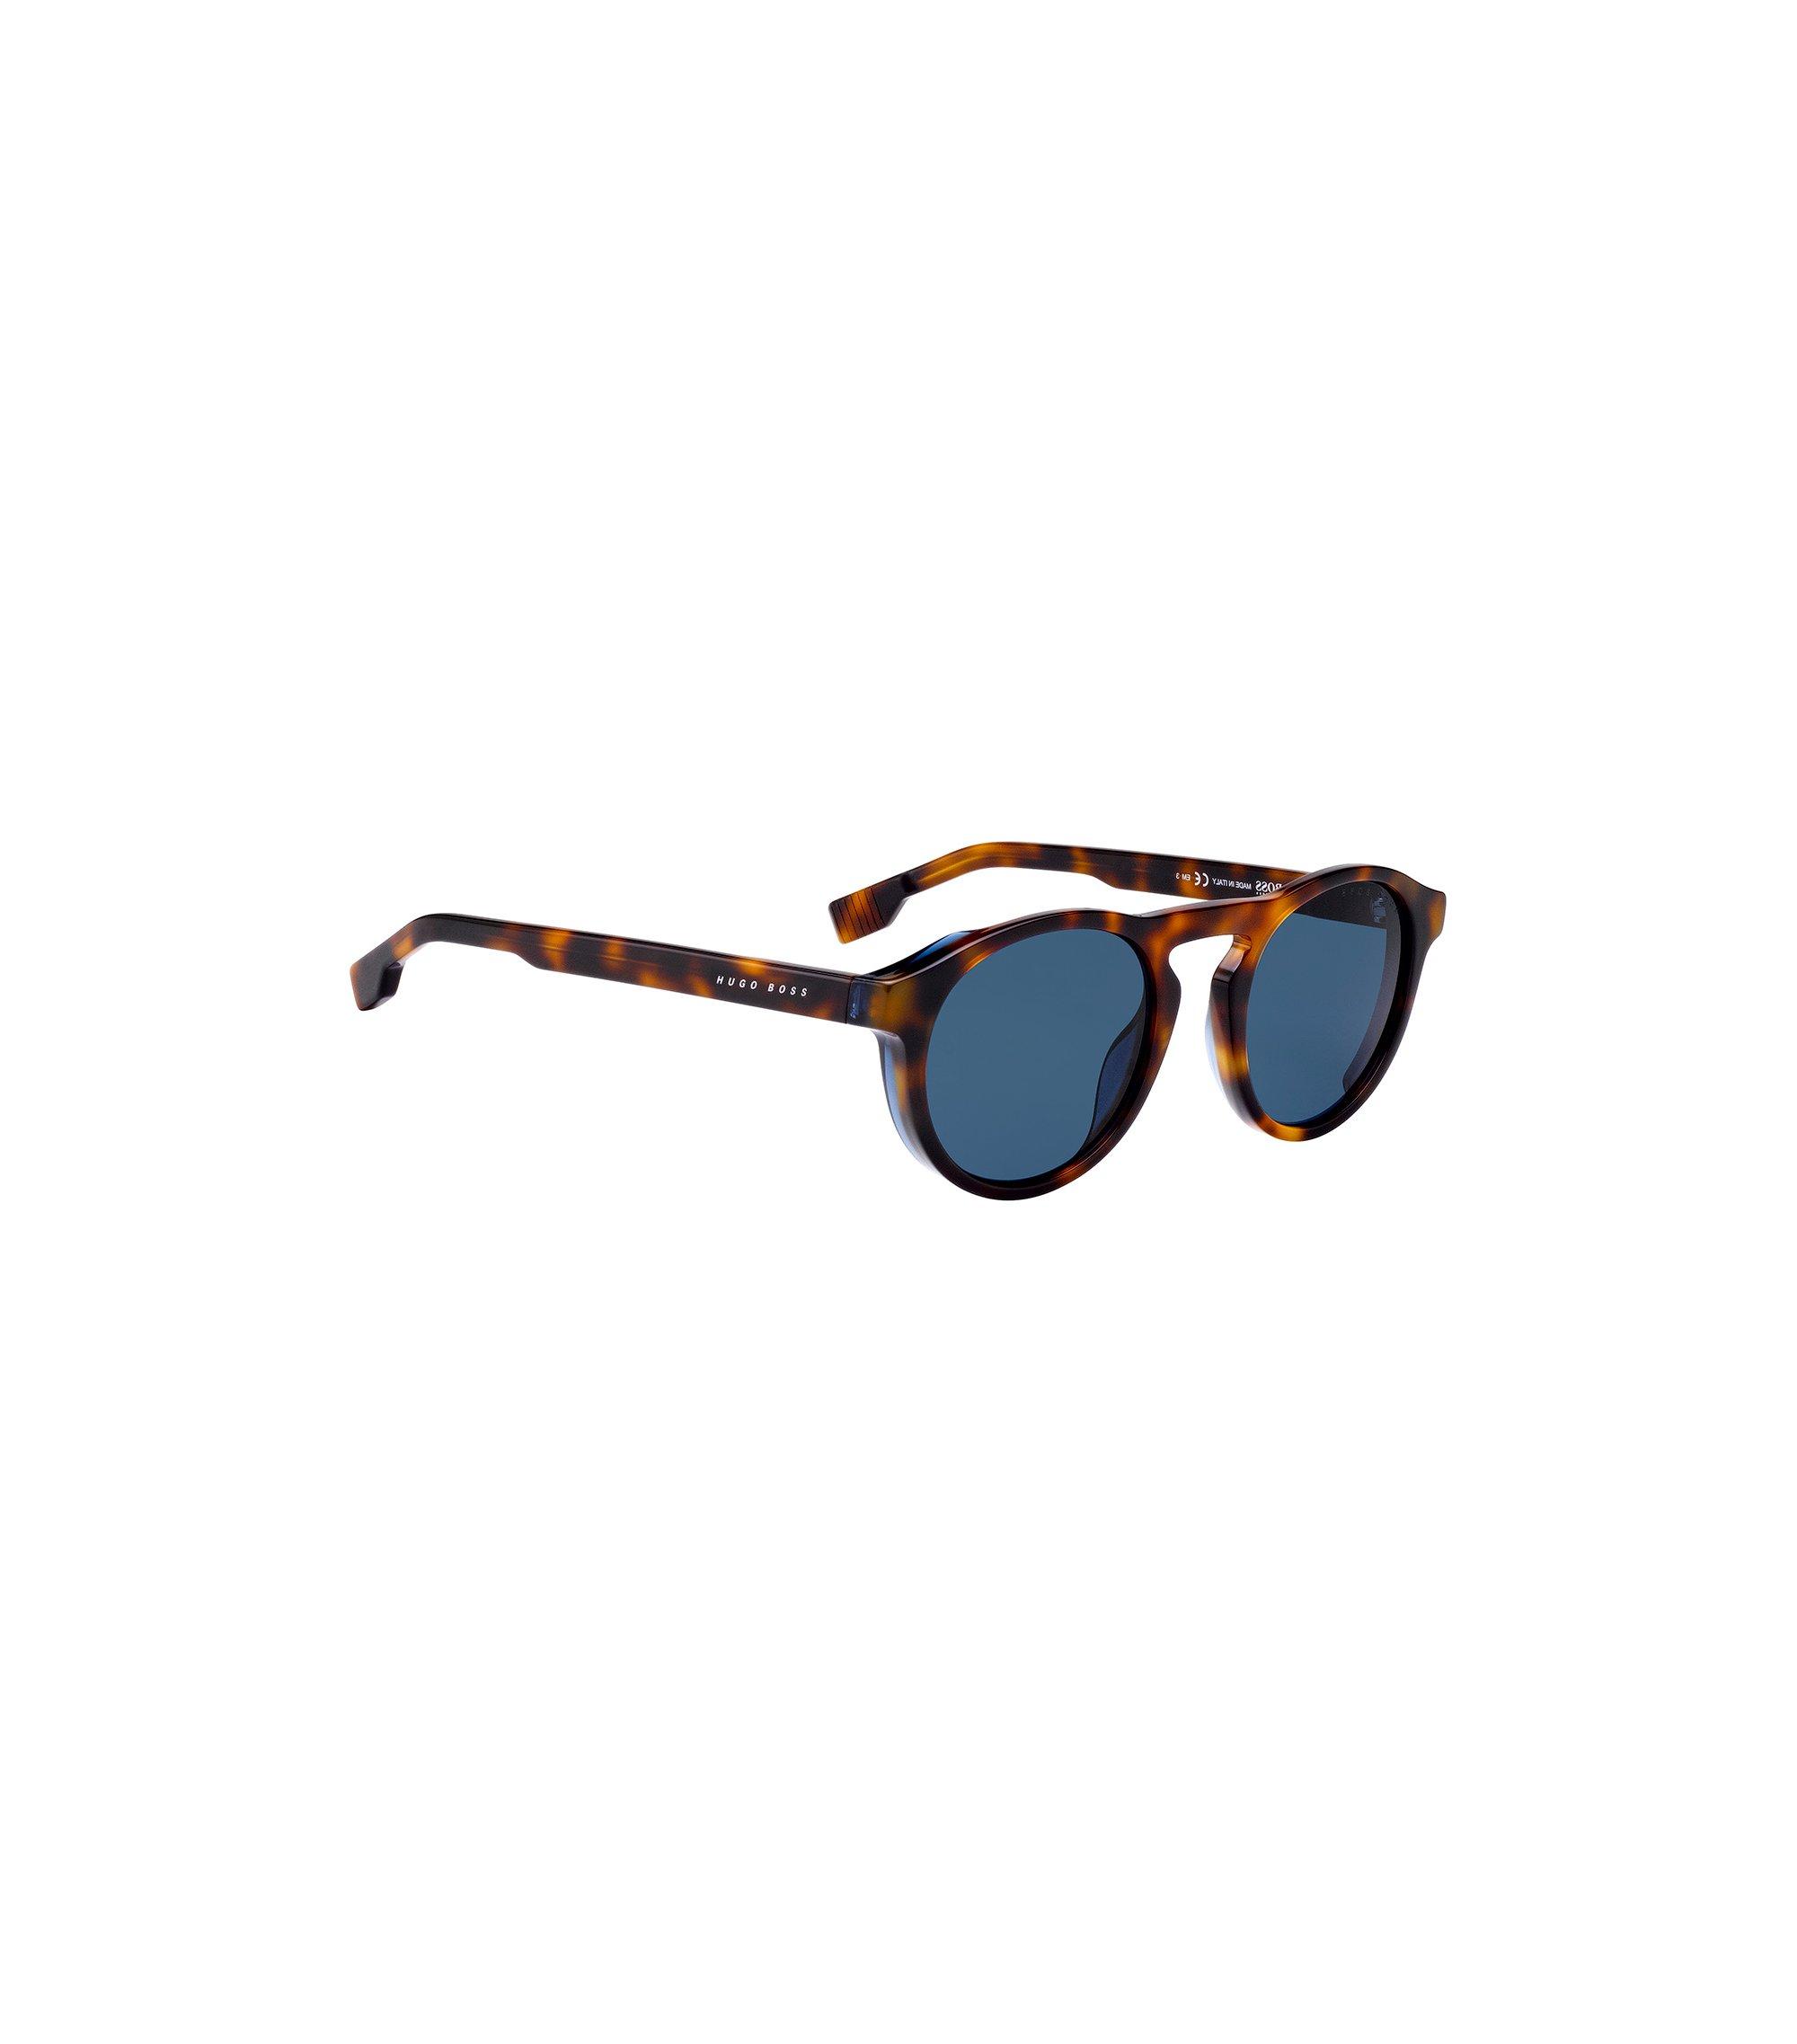 Sonnenbrille mit Schlüssellochsteg und Havanna-Muster, Braun